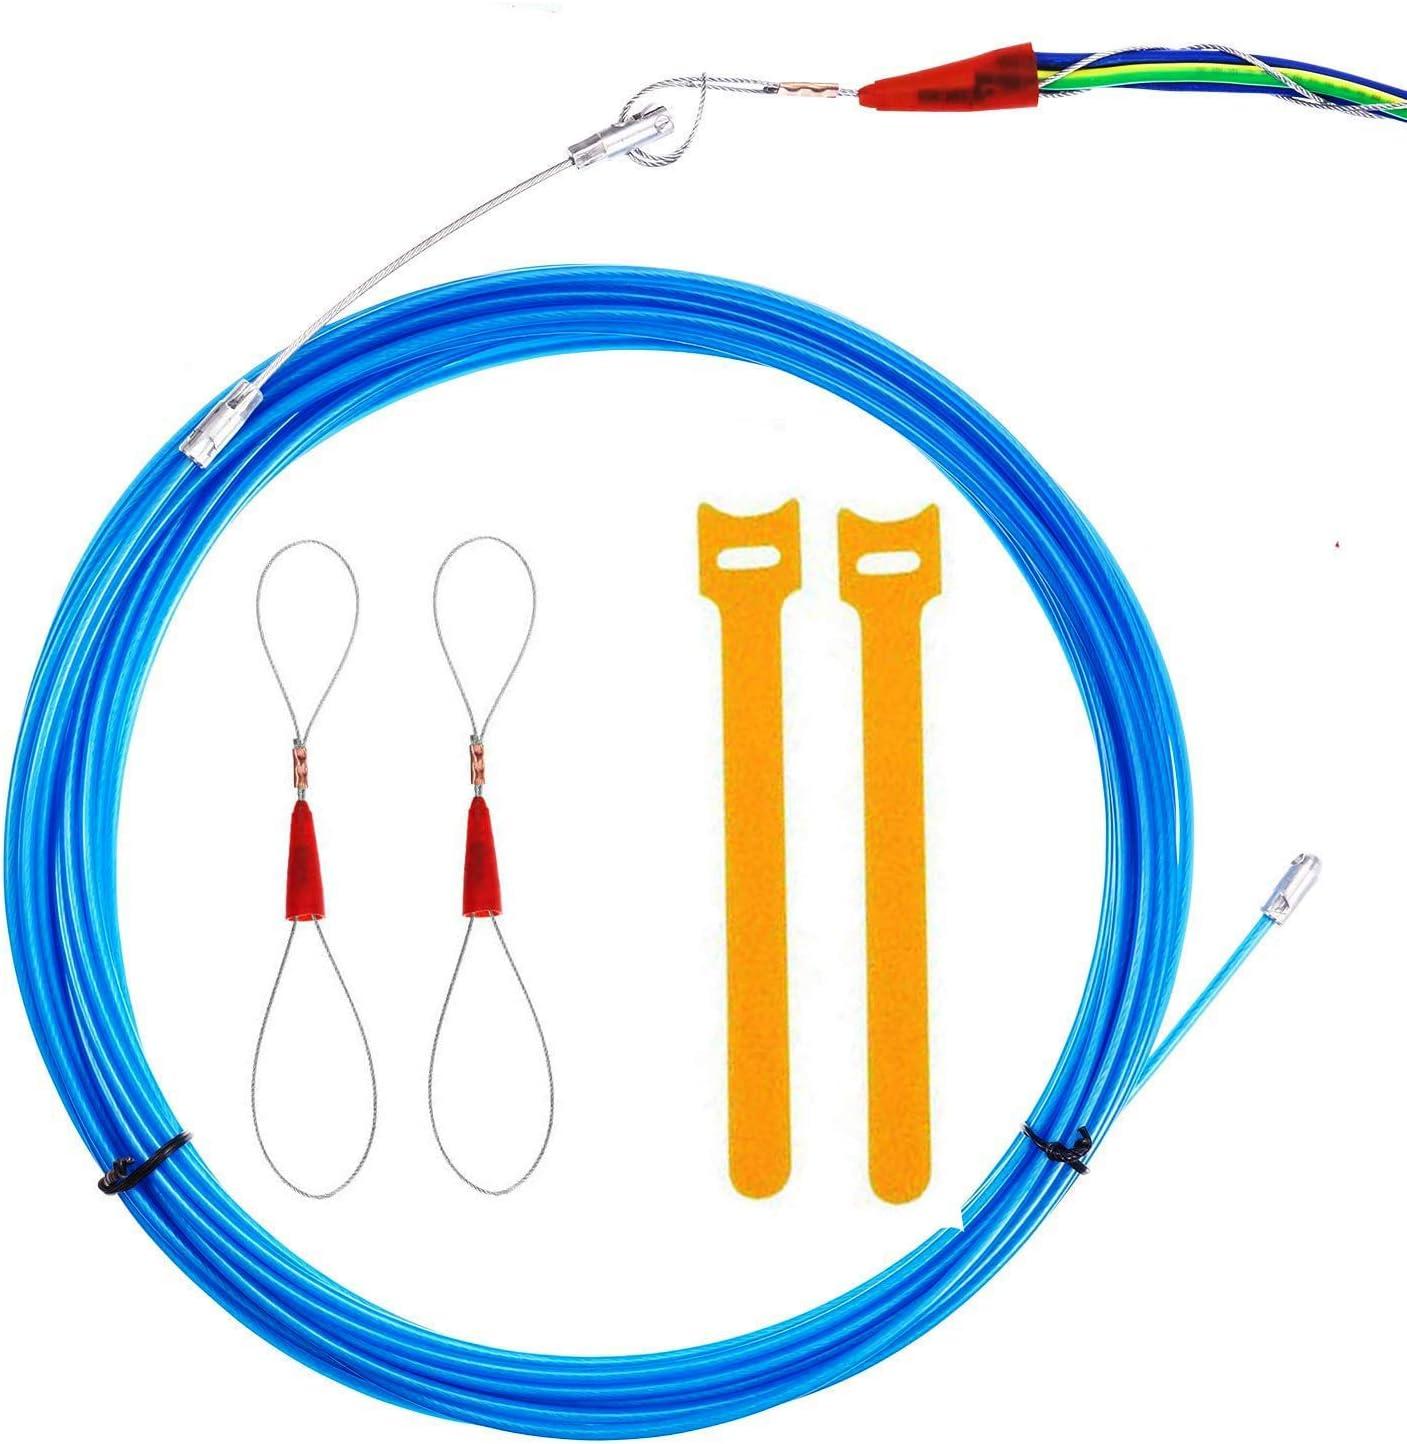 Einziehdraht,mit F/ührungsfeder /Öse Nylon 3.5 mm Kabel-Einziehhilfe 10m RUNCCI-YUN Einziehband Einziehdraht Kabel Einziehhilfe Kabeleinziehhilfe Draht